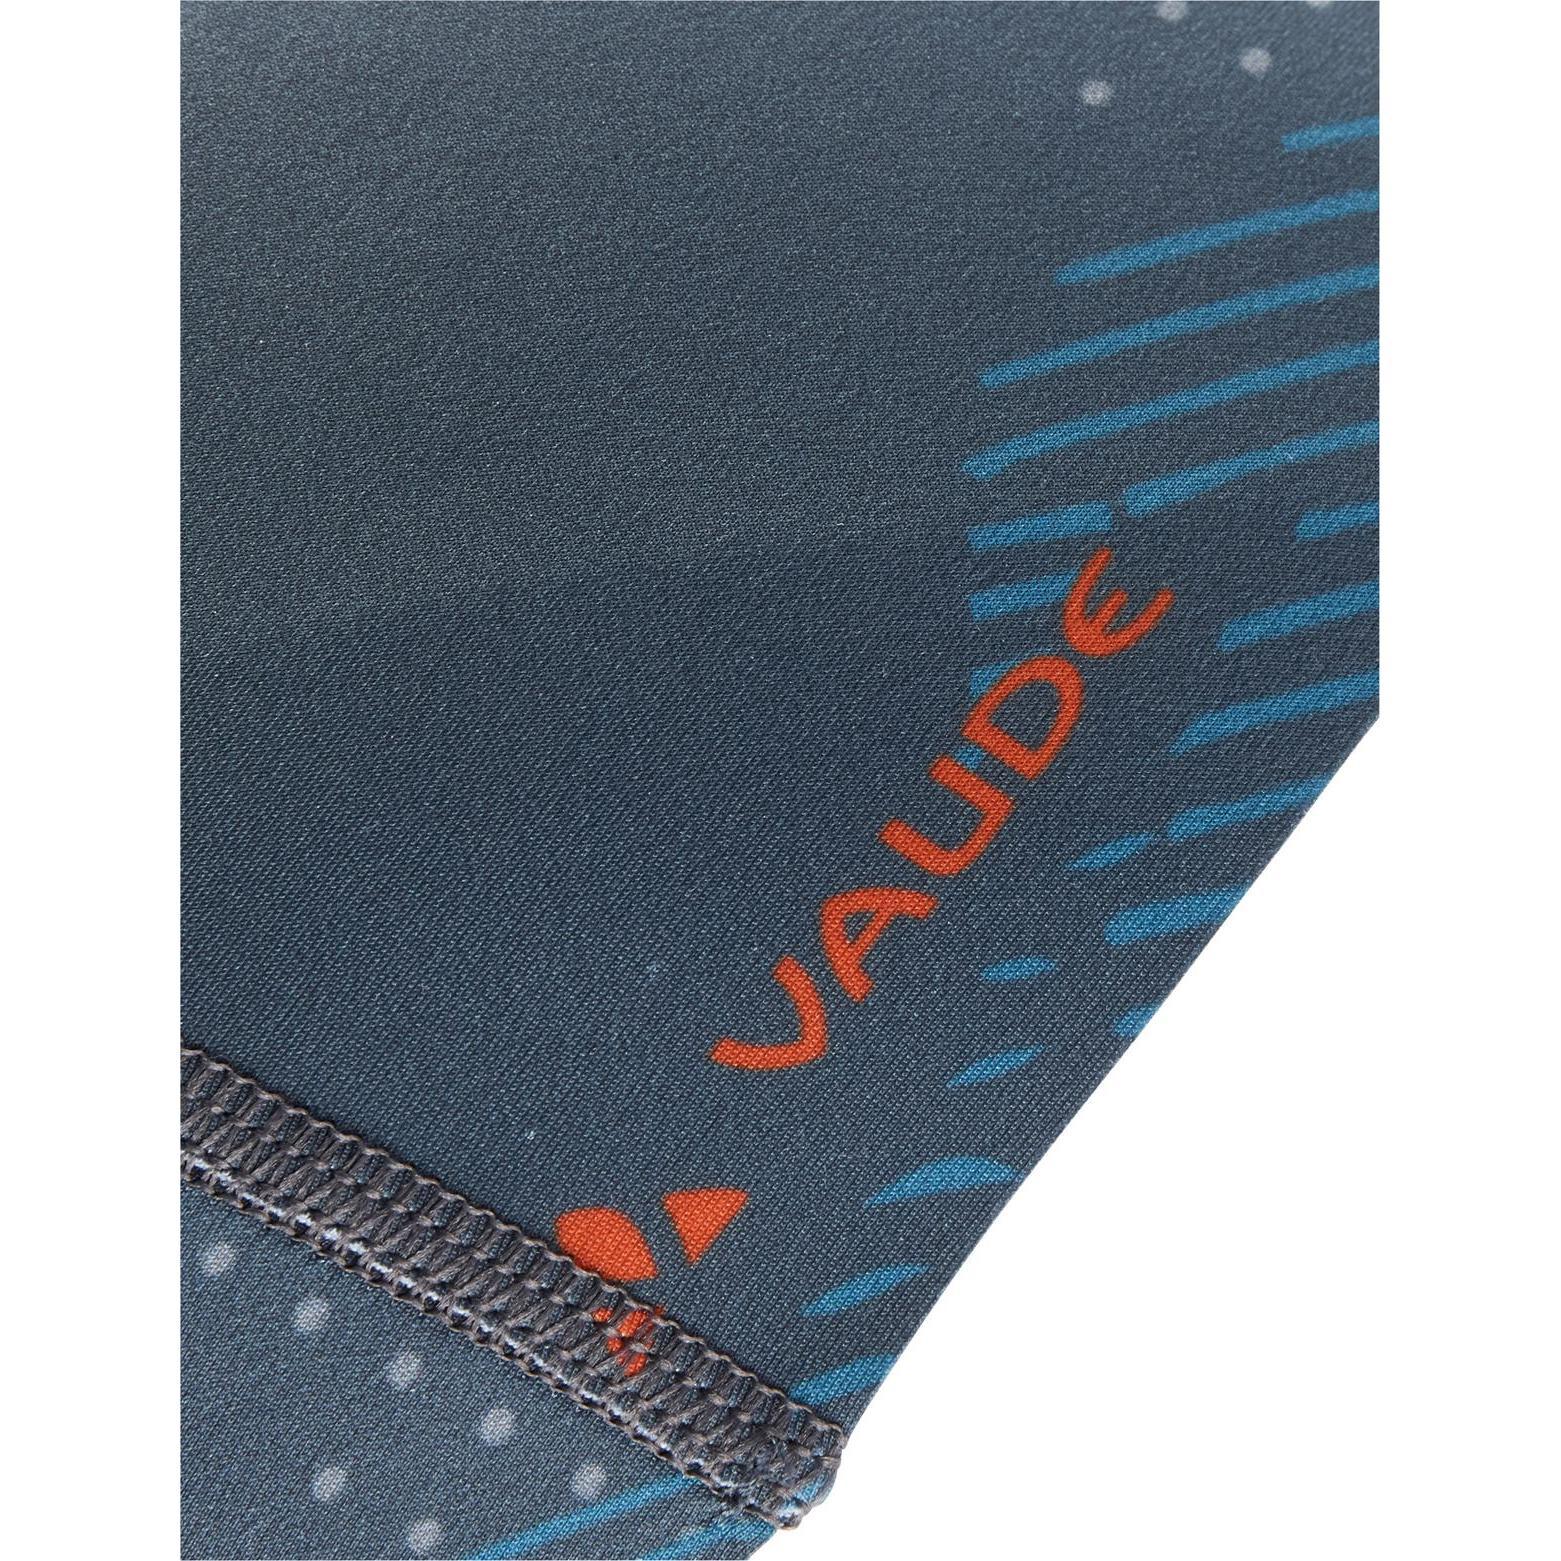 Bild von Vaude Logo Stirnband II - dark sea